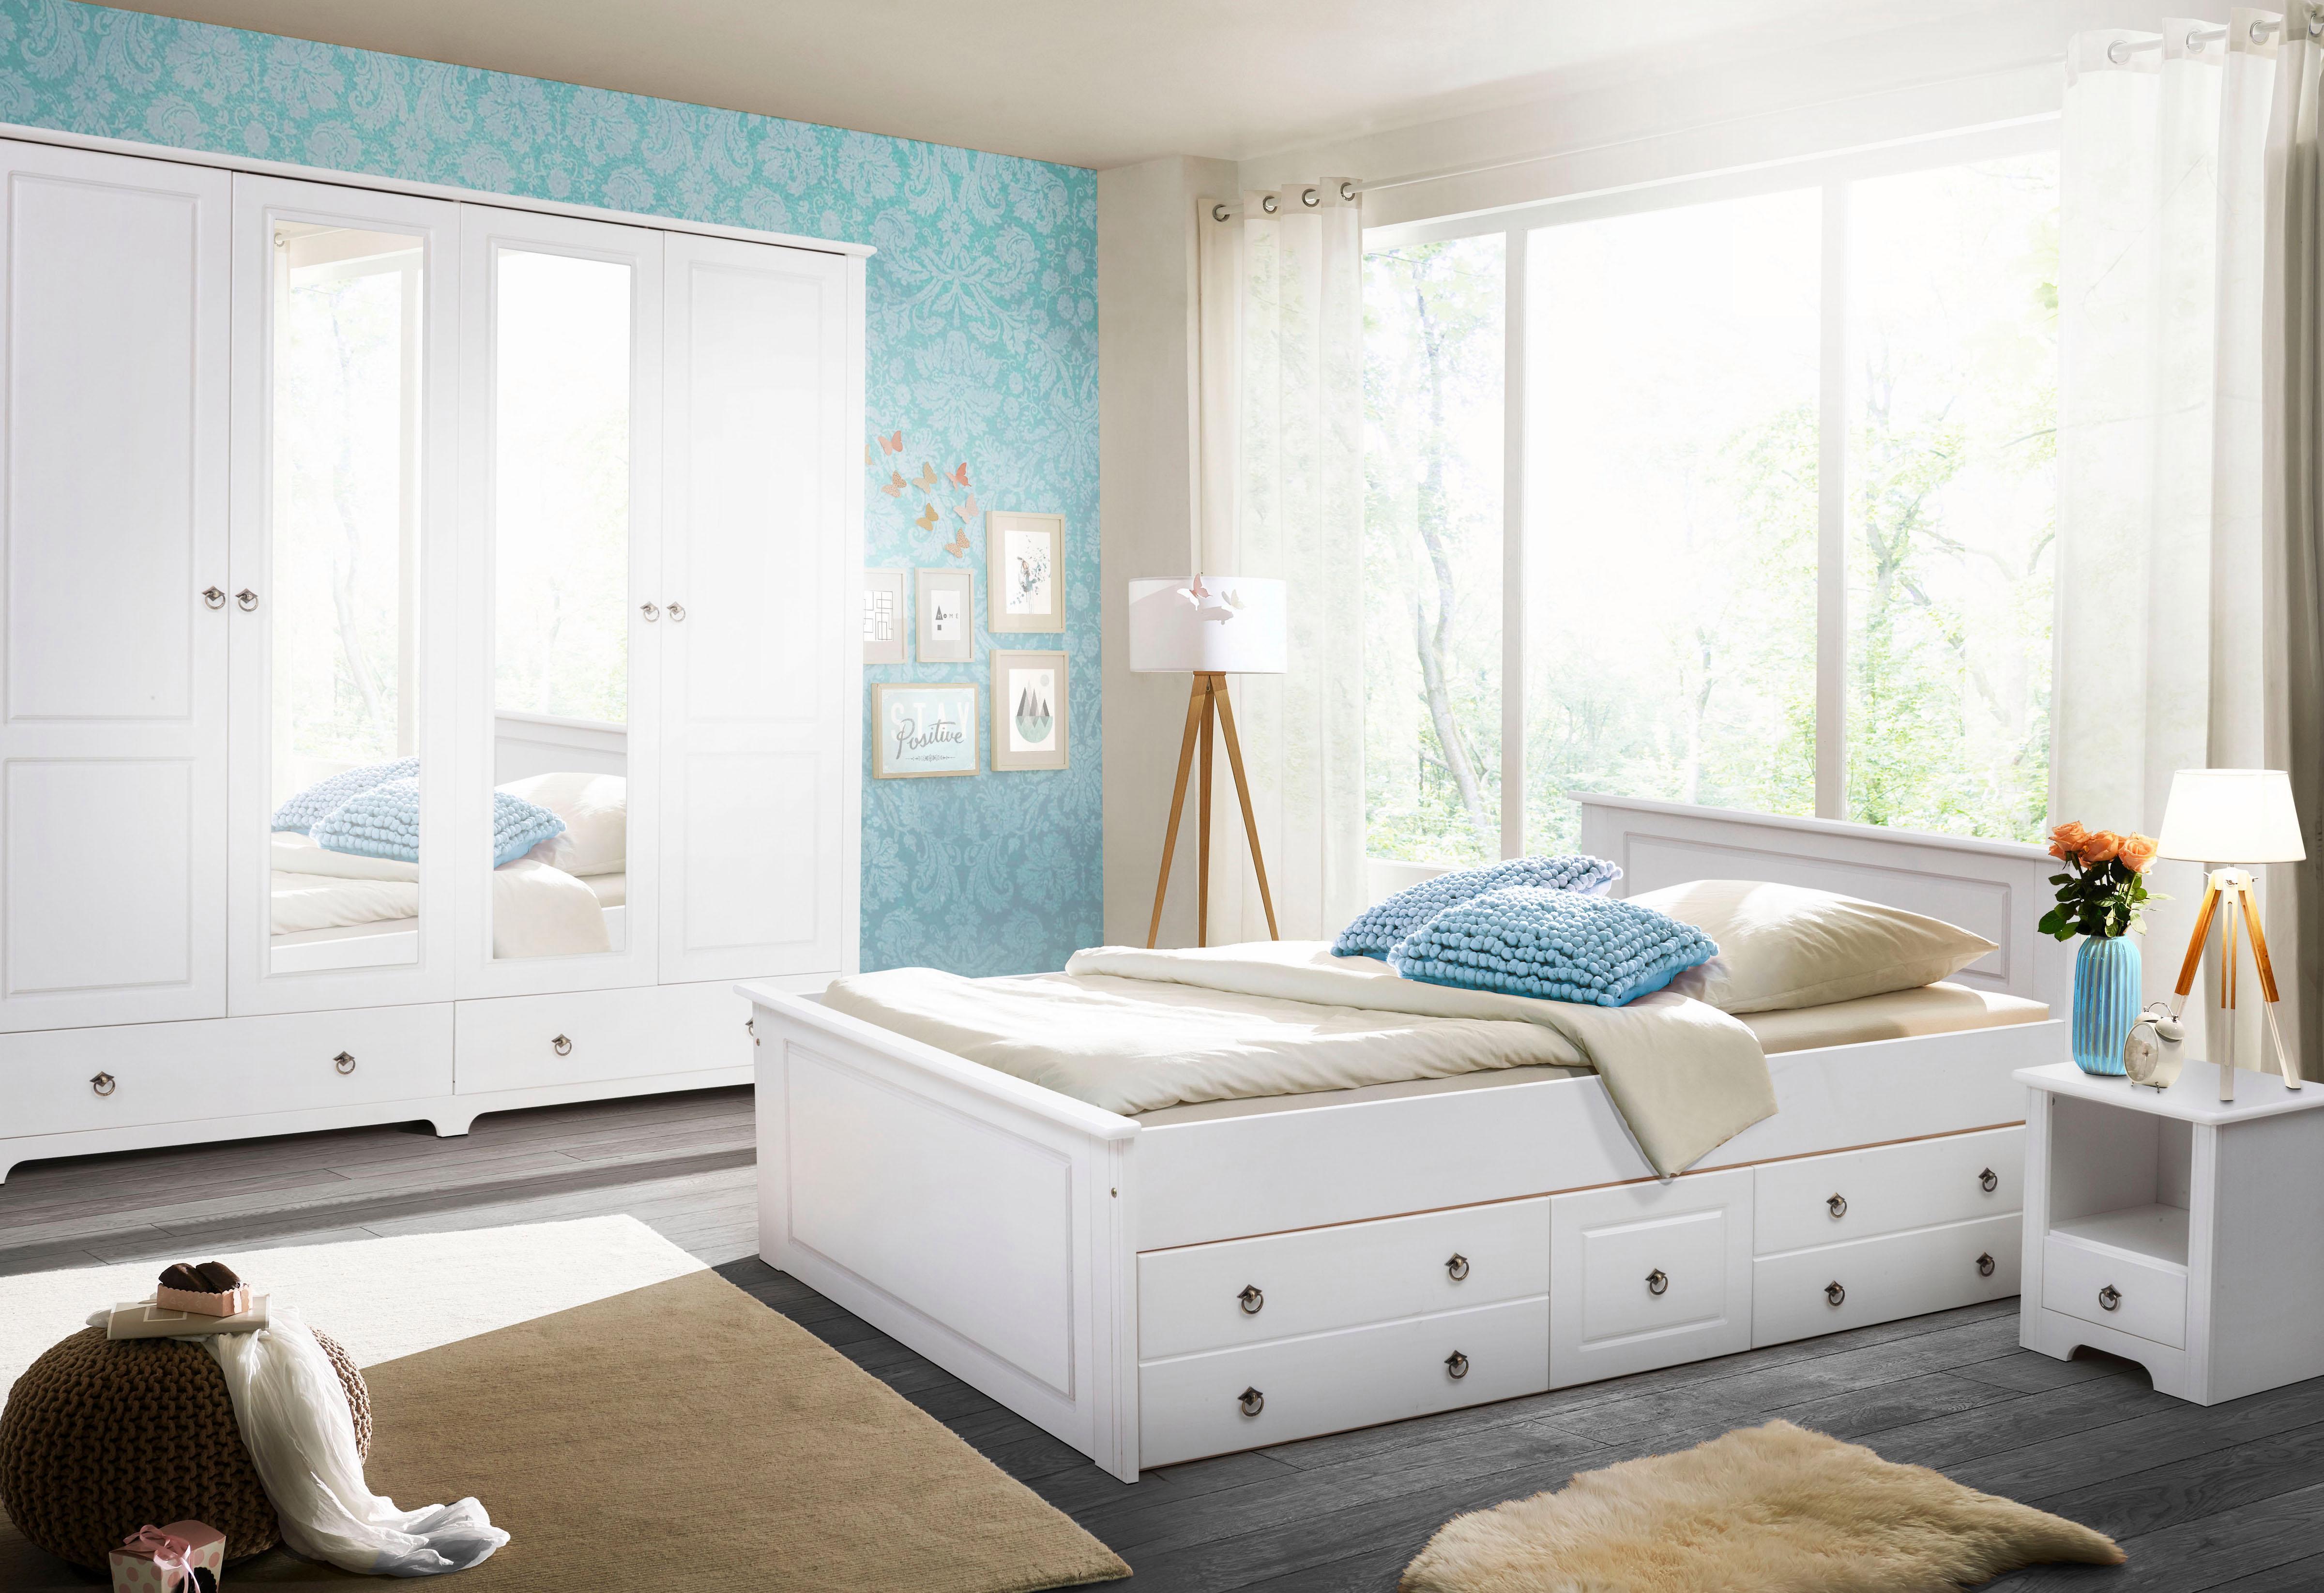 Home affaire Schlafzimmer-Set »Hugo« (Set, 4-tlg) auf Rechnung kaufen | BAUR